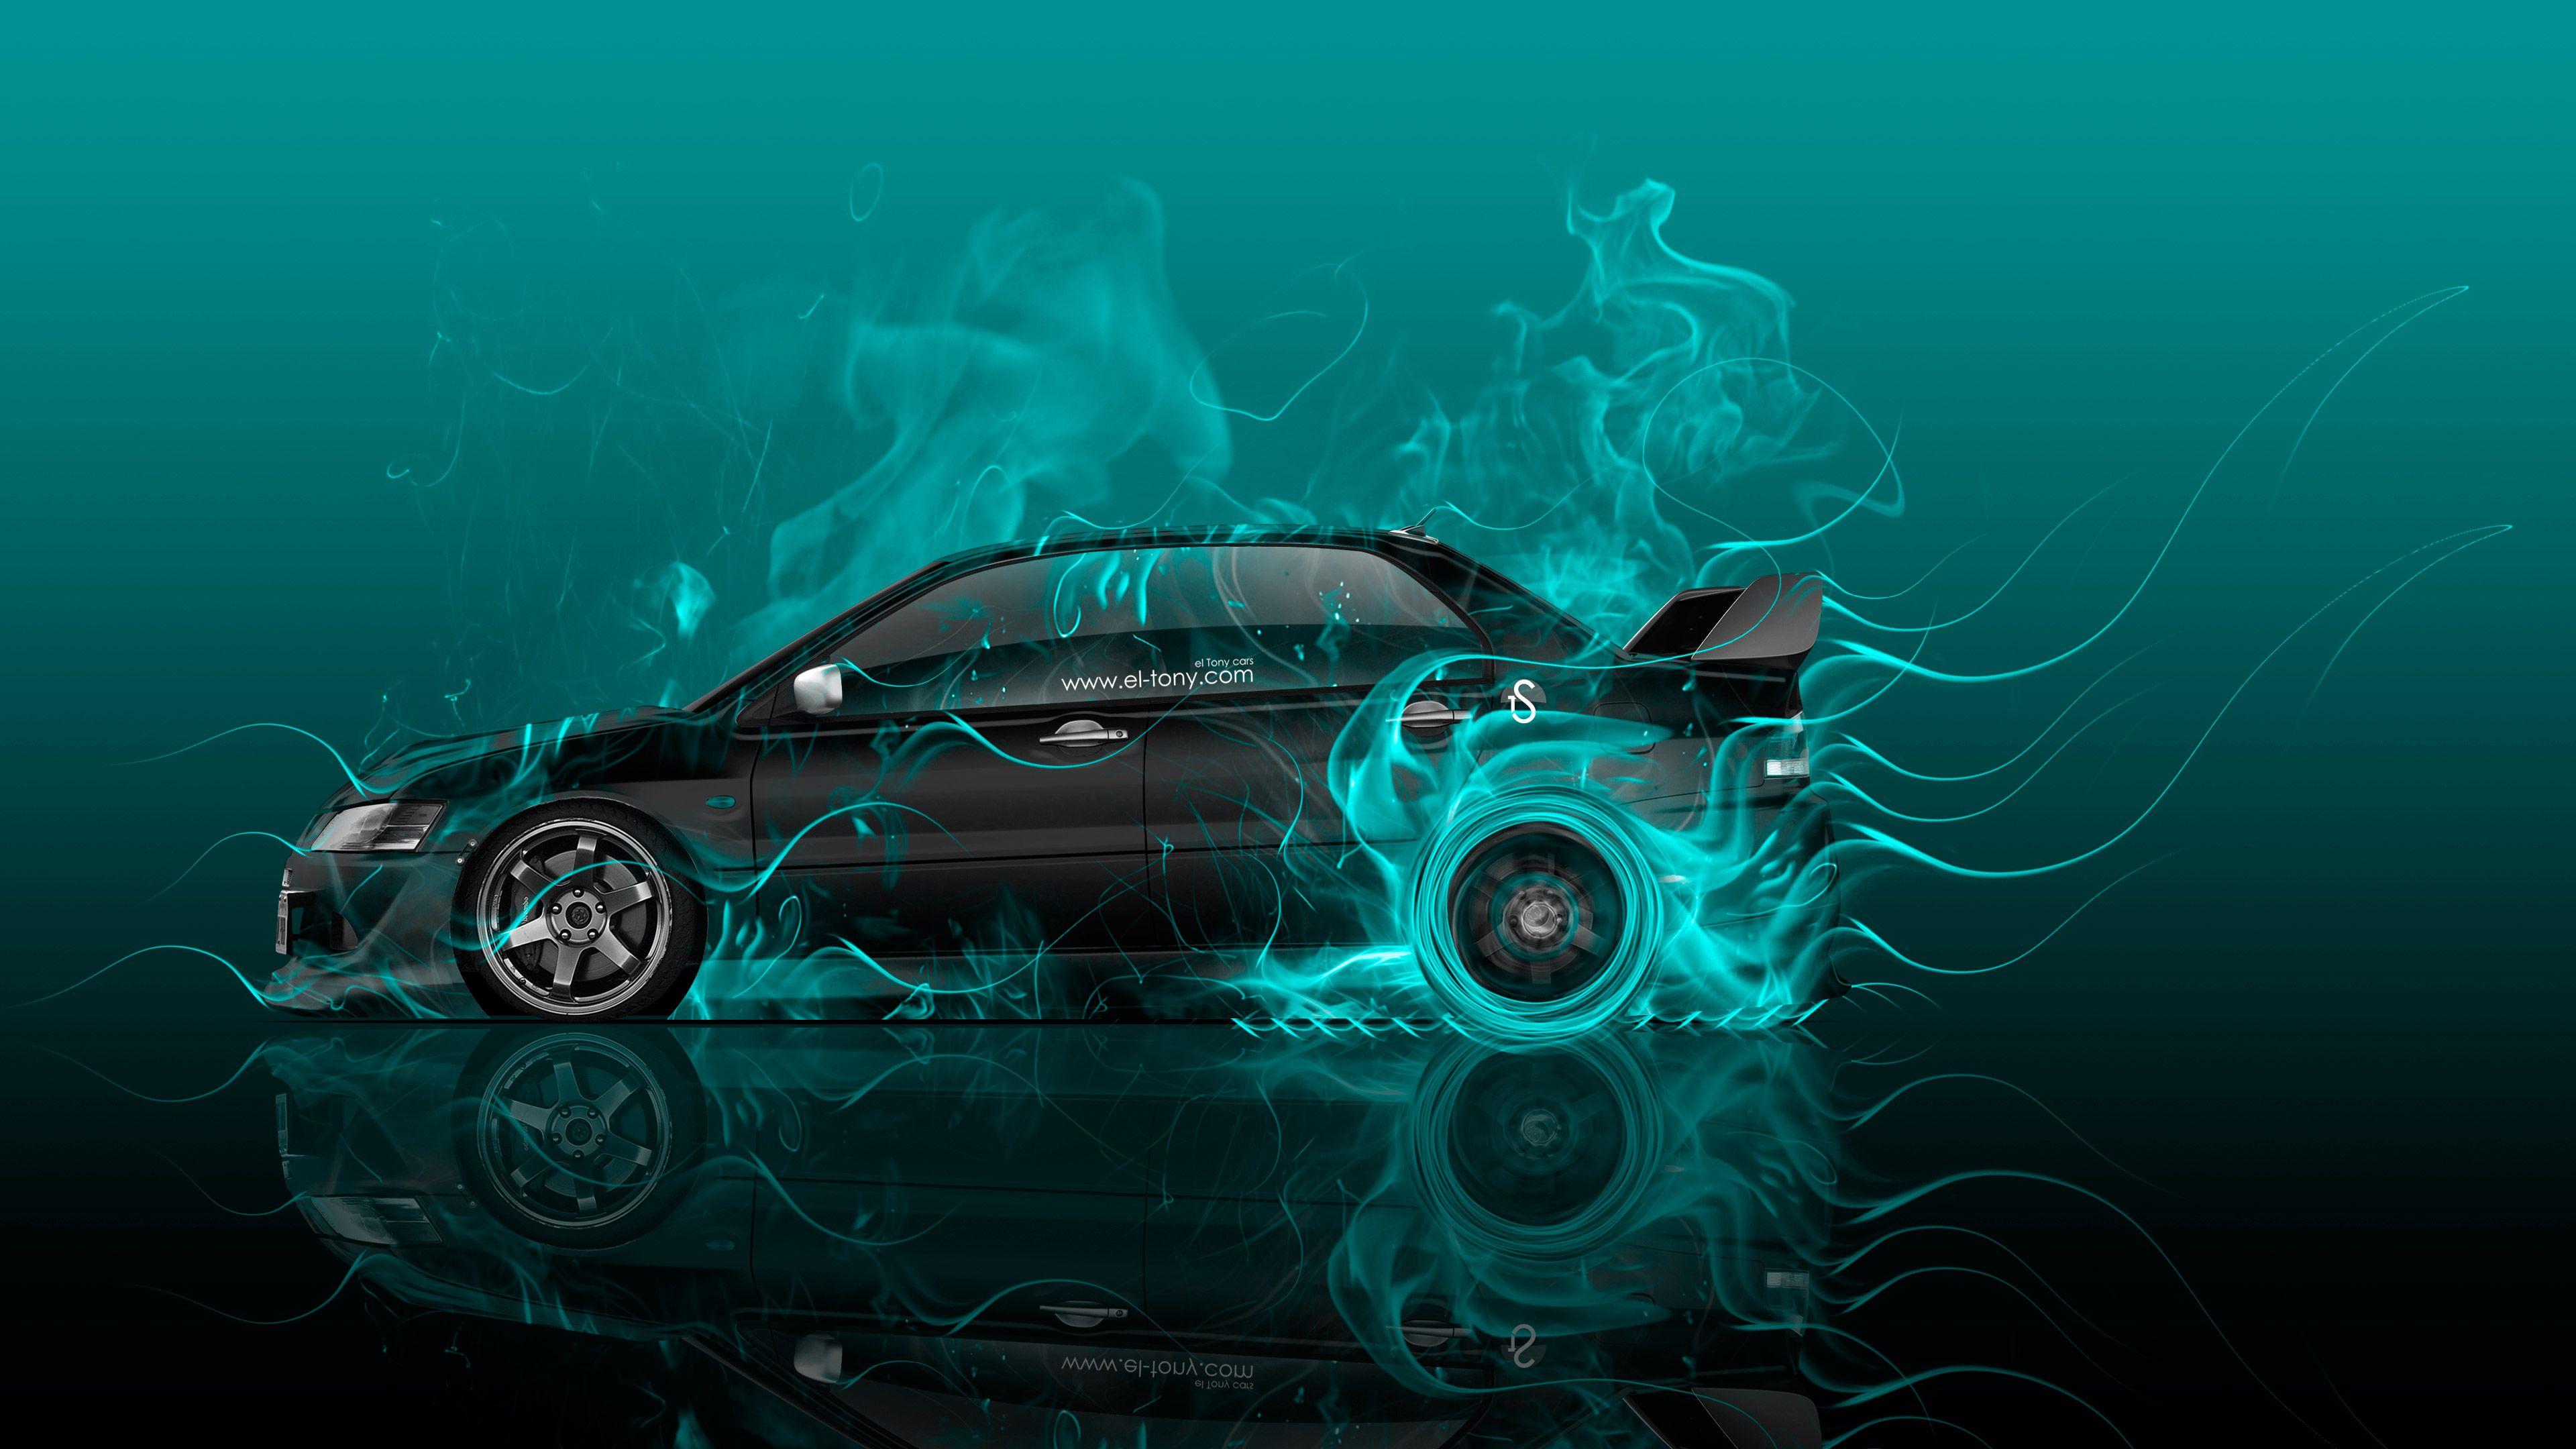 Audi A Avant Quattro Fire Car Mika Jumisko Wallpapers El Tony